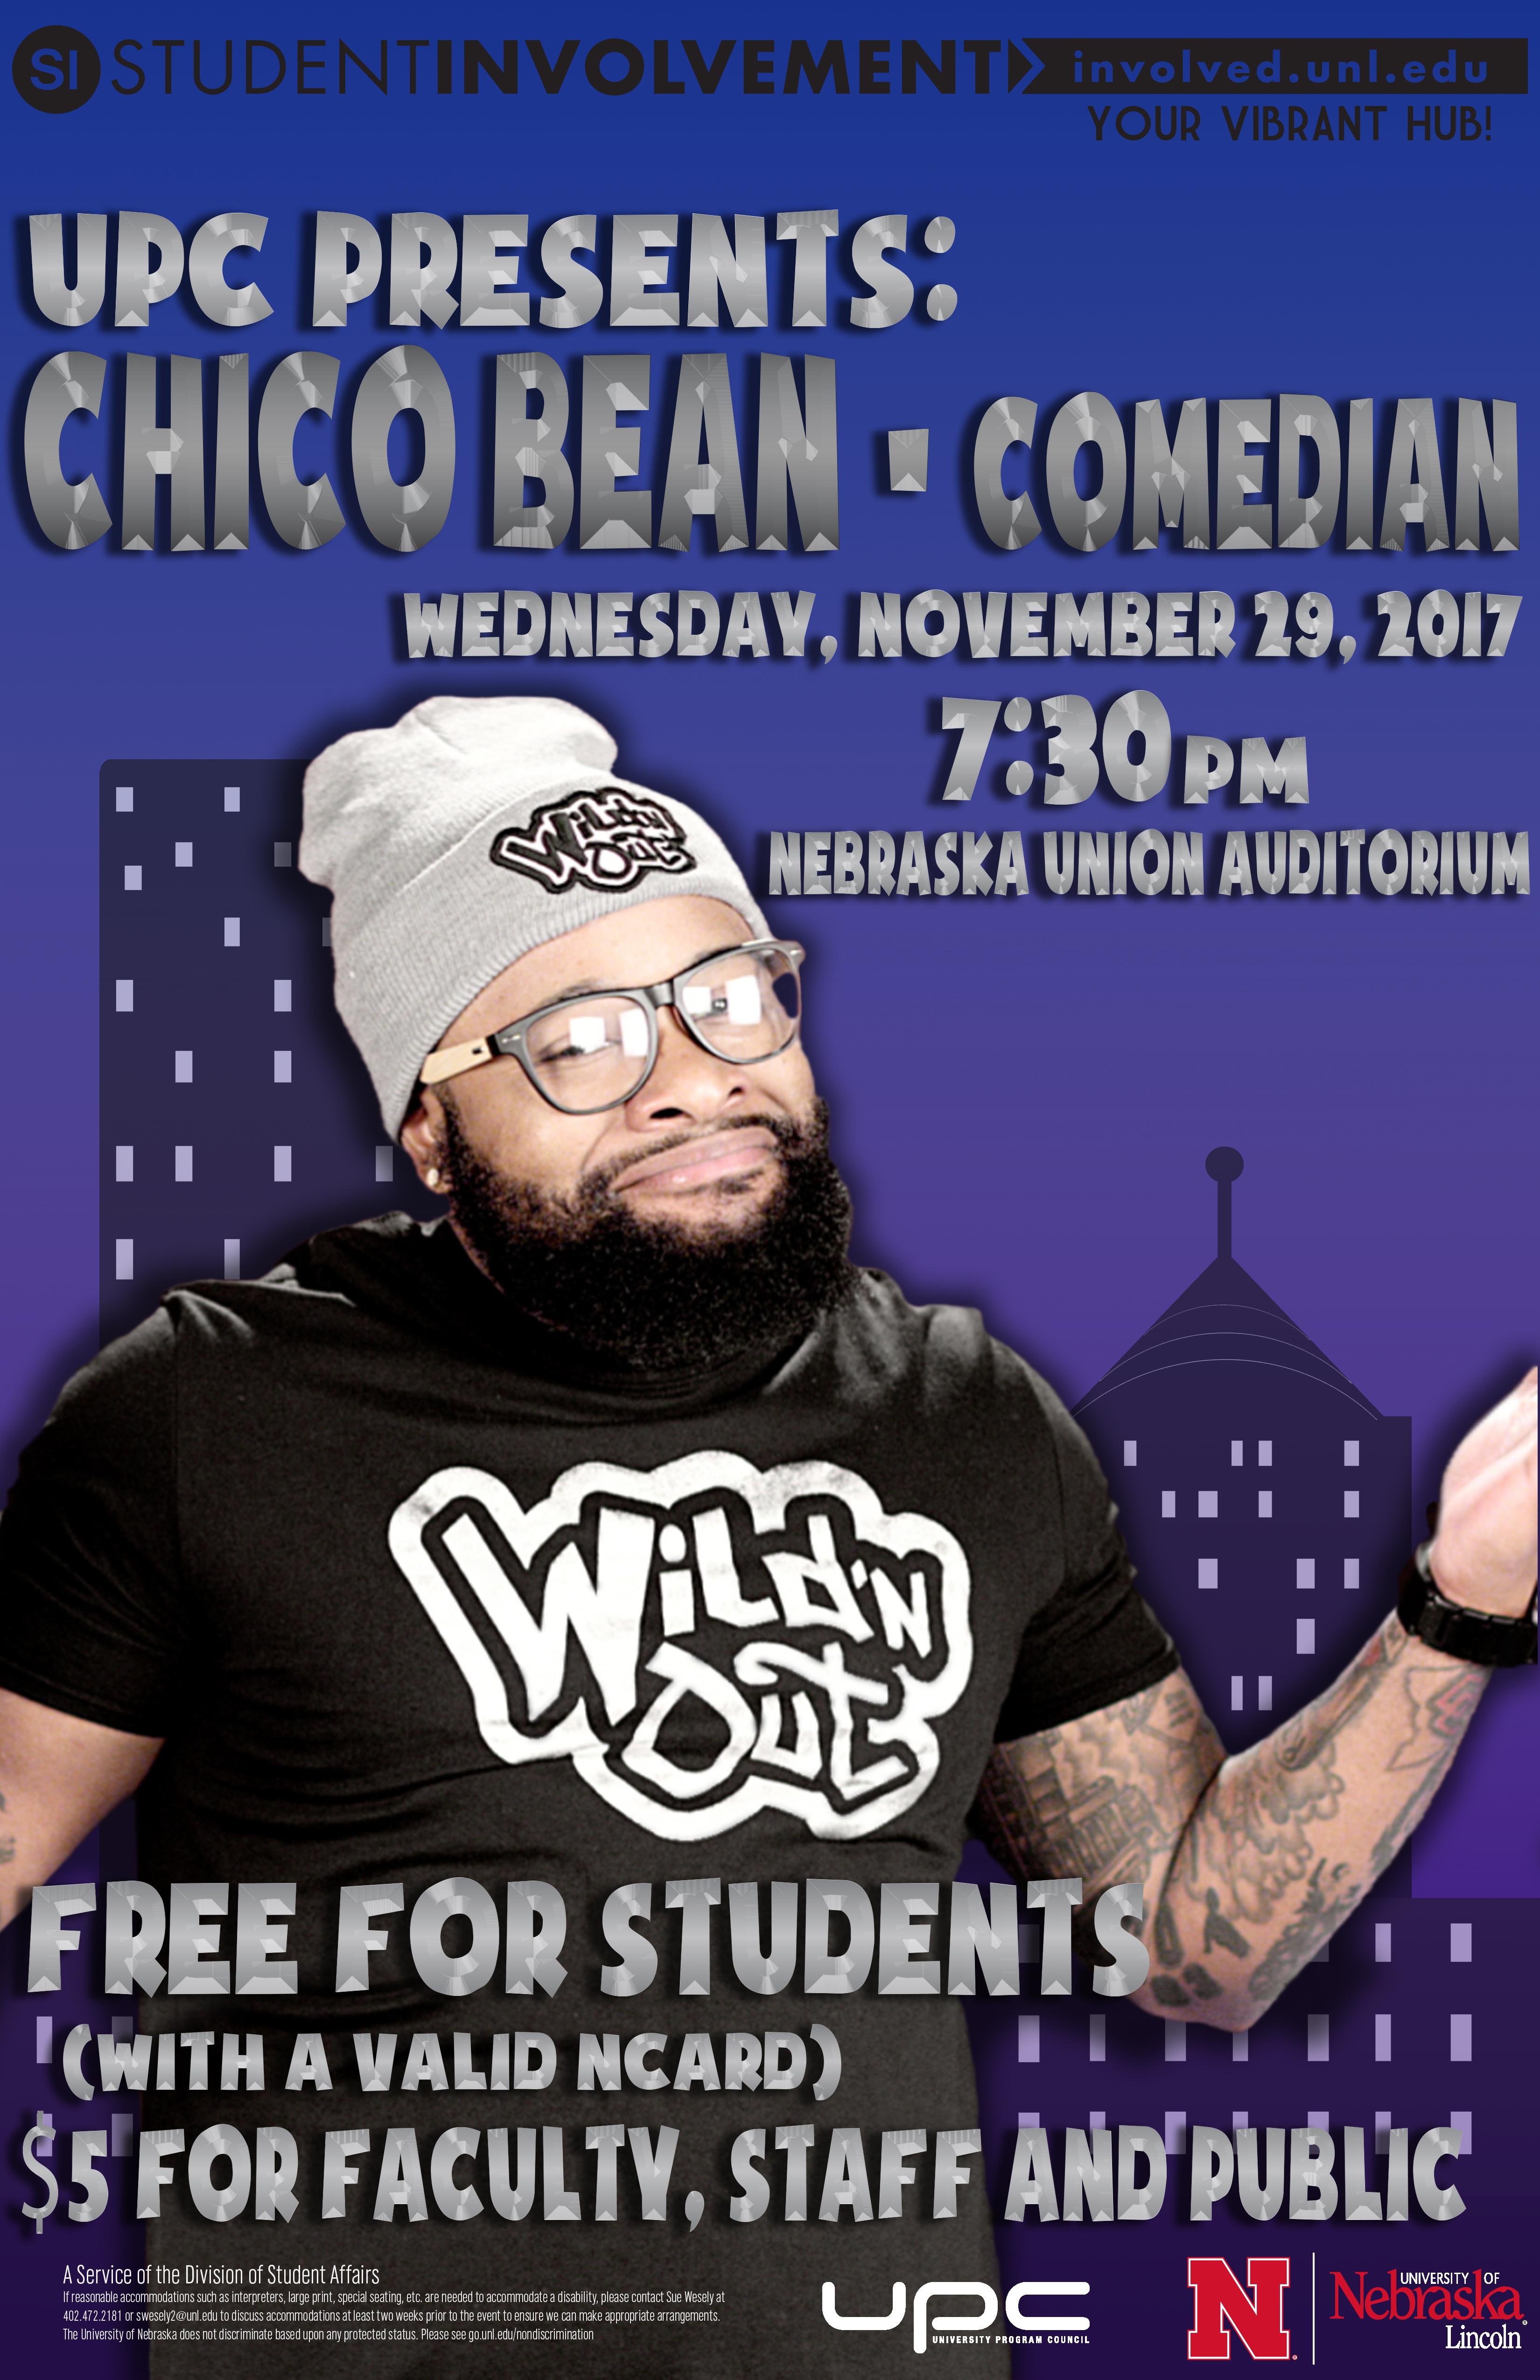 UPC Presents: Chico Bean